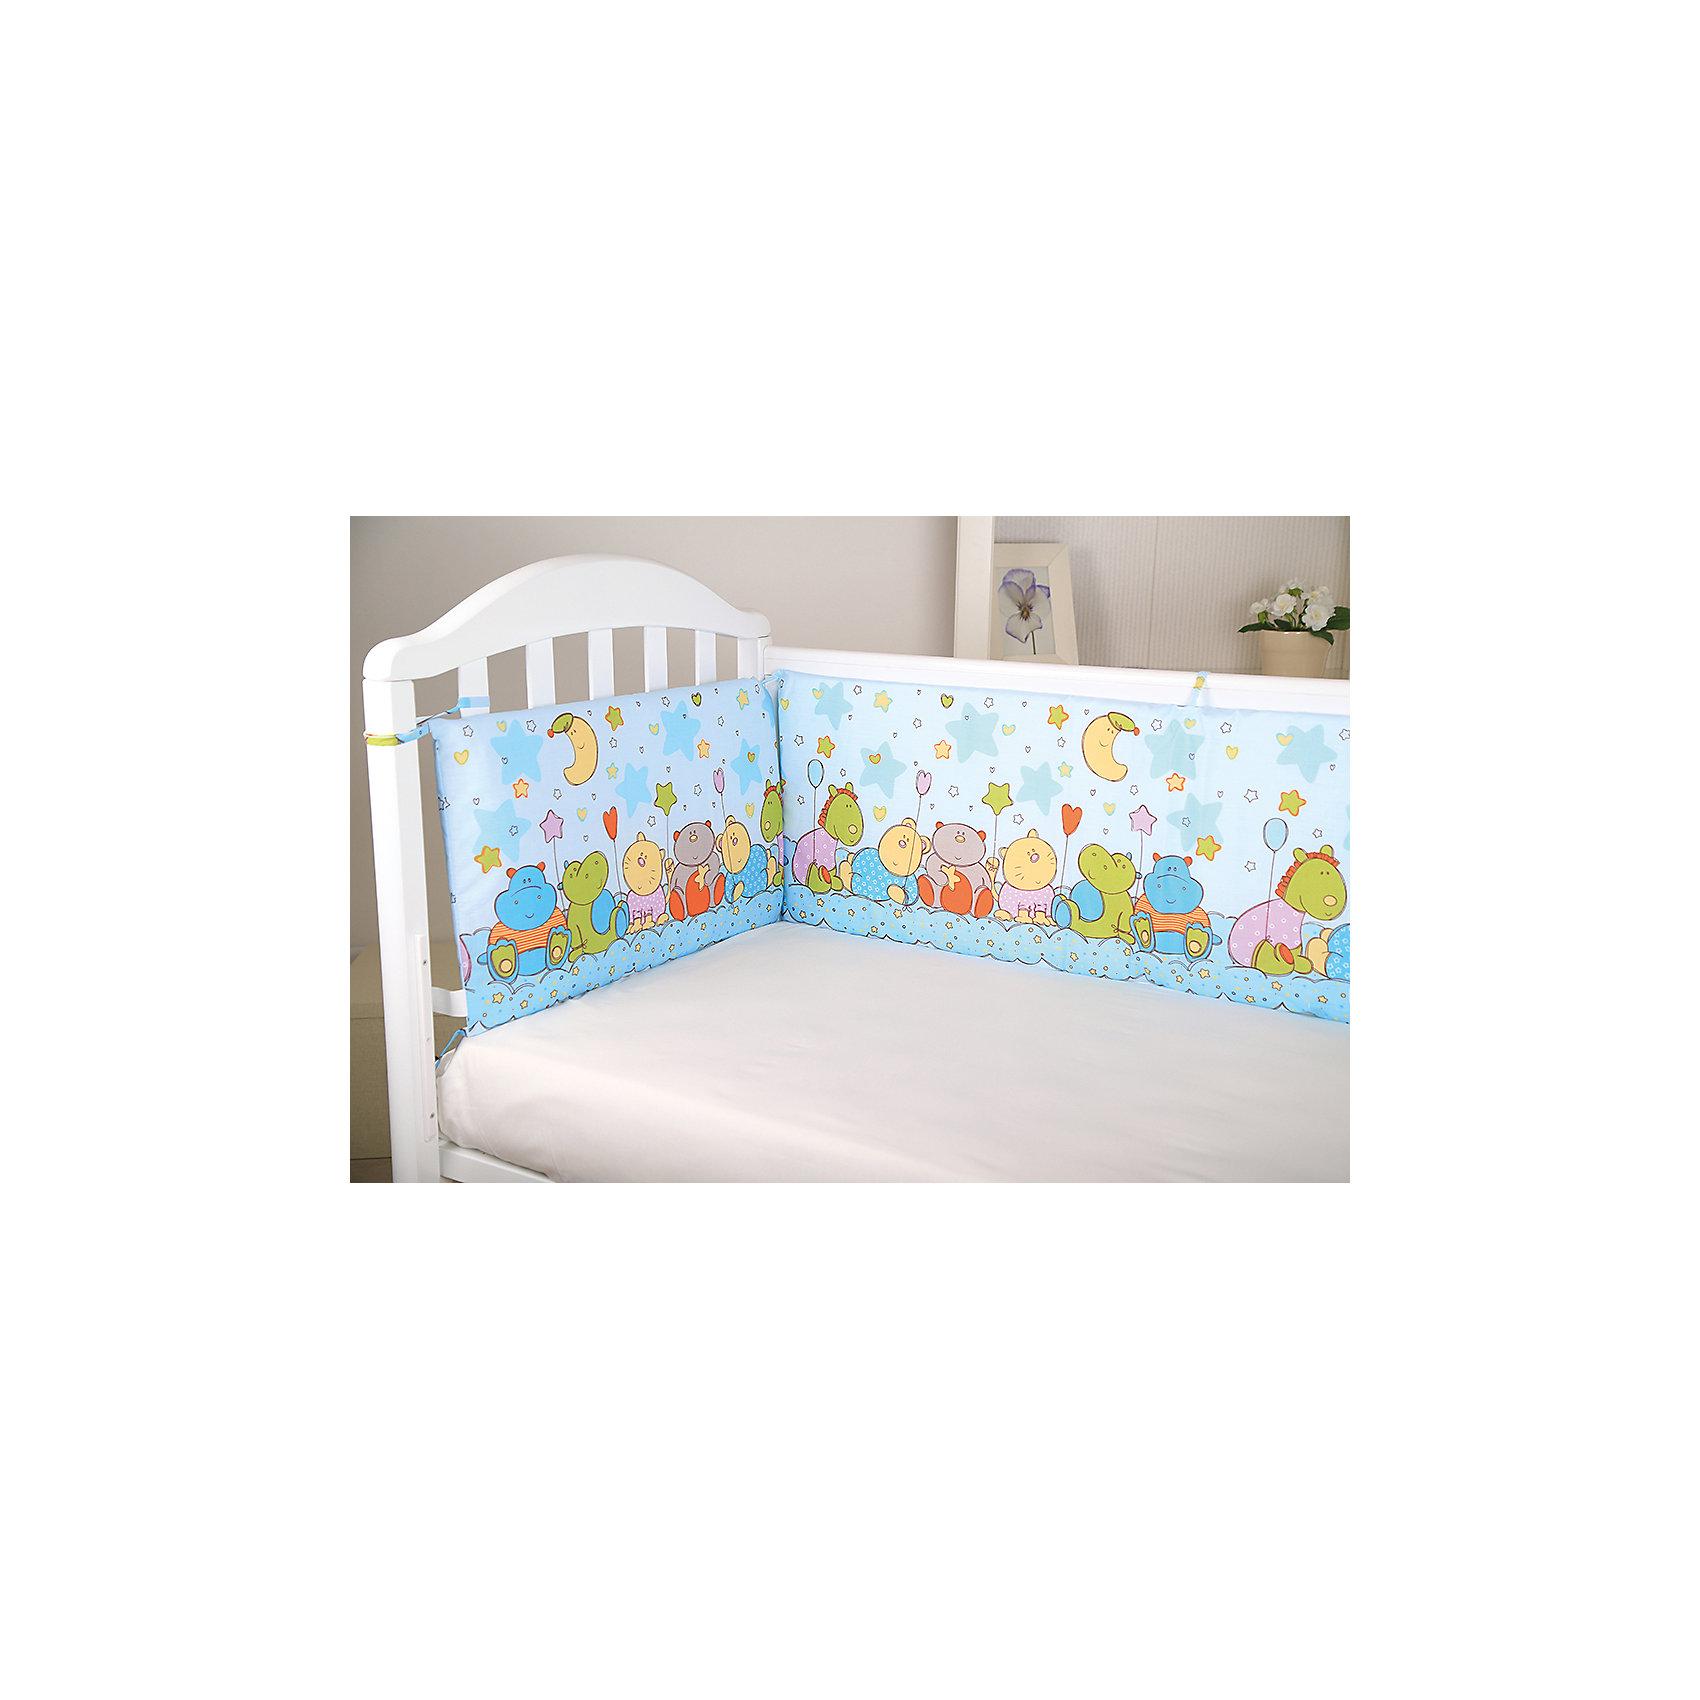 Борт в кроватку Звездопад, Baby Nice, голубойМягкий борт в кроватку с нежным принтом и спокойной приятной расцветкой подарит крохе комфорт и безопасность. Борт - раздельный, выполнен из высококачественных гипоаллергенных материалов, сохраняющих цвет и свойства после стирки. <br><br><br>Дополнительная информация:<br><br>- Материал верха:  бязь (хлопок 100%).<br>- Наполнитель: периотек (полиэфирное волокно).<br>- Размер каждого бортика: 35х60 см.<br>- 4 бортика в комплекте.<br>- Цвет: голубой.<br><br>Борт в кроватку Звездопад, Baby Nice (Беби Найс), голубой, можно купить в нашем магазине.<br><br>Ширина мм: 600<br>Глубина мм: 350<br>Высота мм: 50<br>Вес г: 600<br>Возраст от месяцев: 0<br>Возраст до месяцев: 60<br>Пол: Мужской<br>Возраст: Детский<br>SKU: 4058281